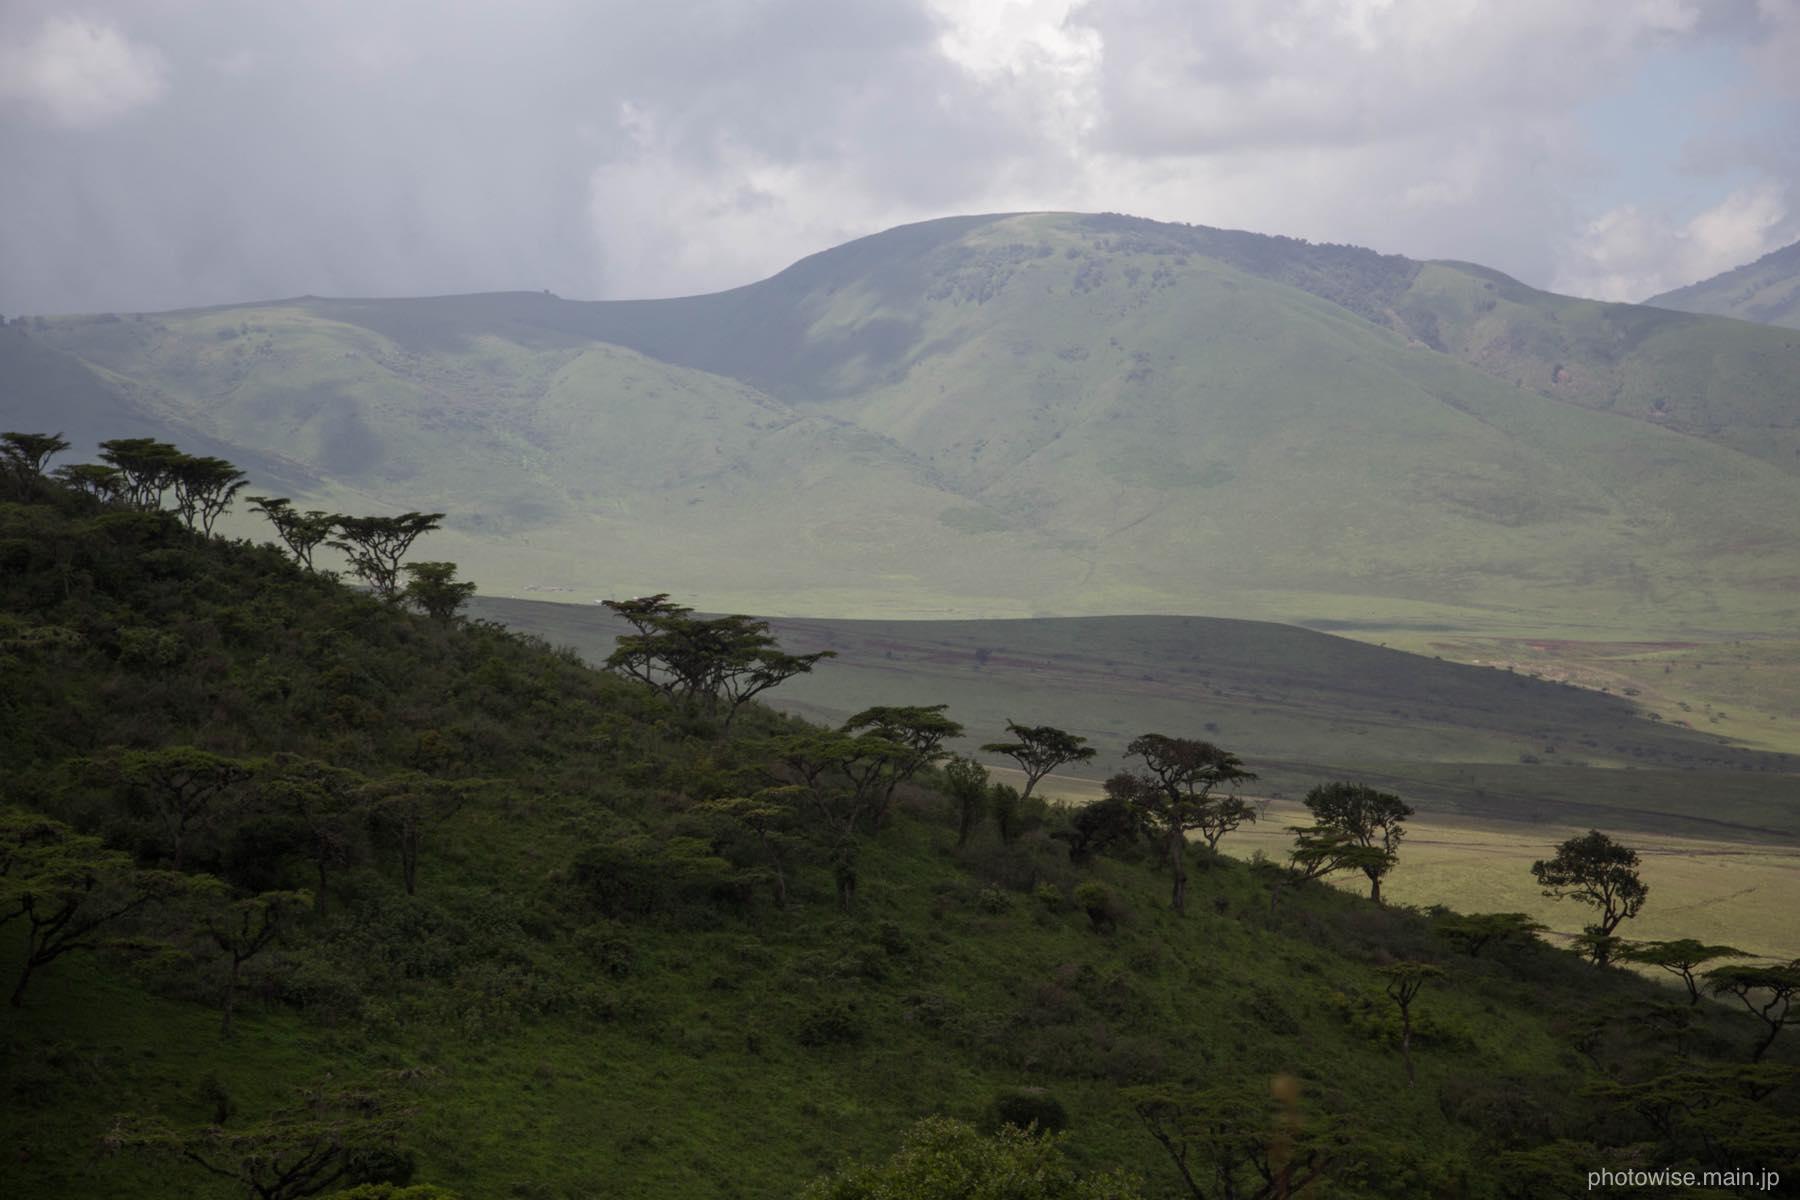 ンゴロンゴロの地形